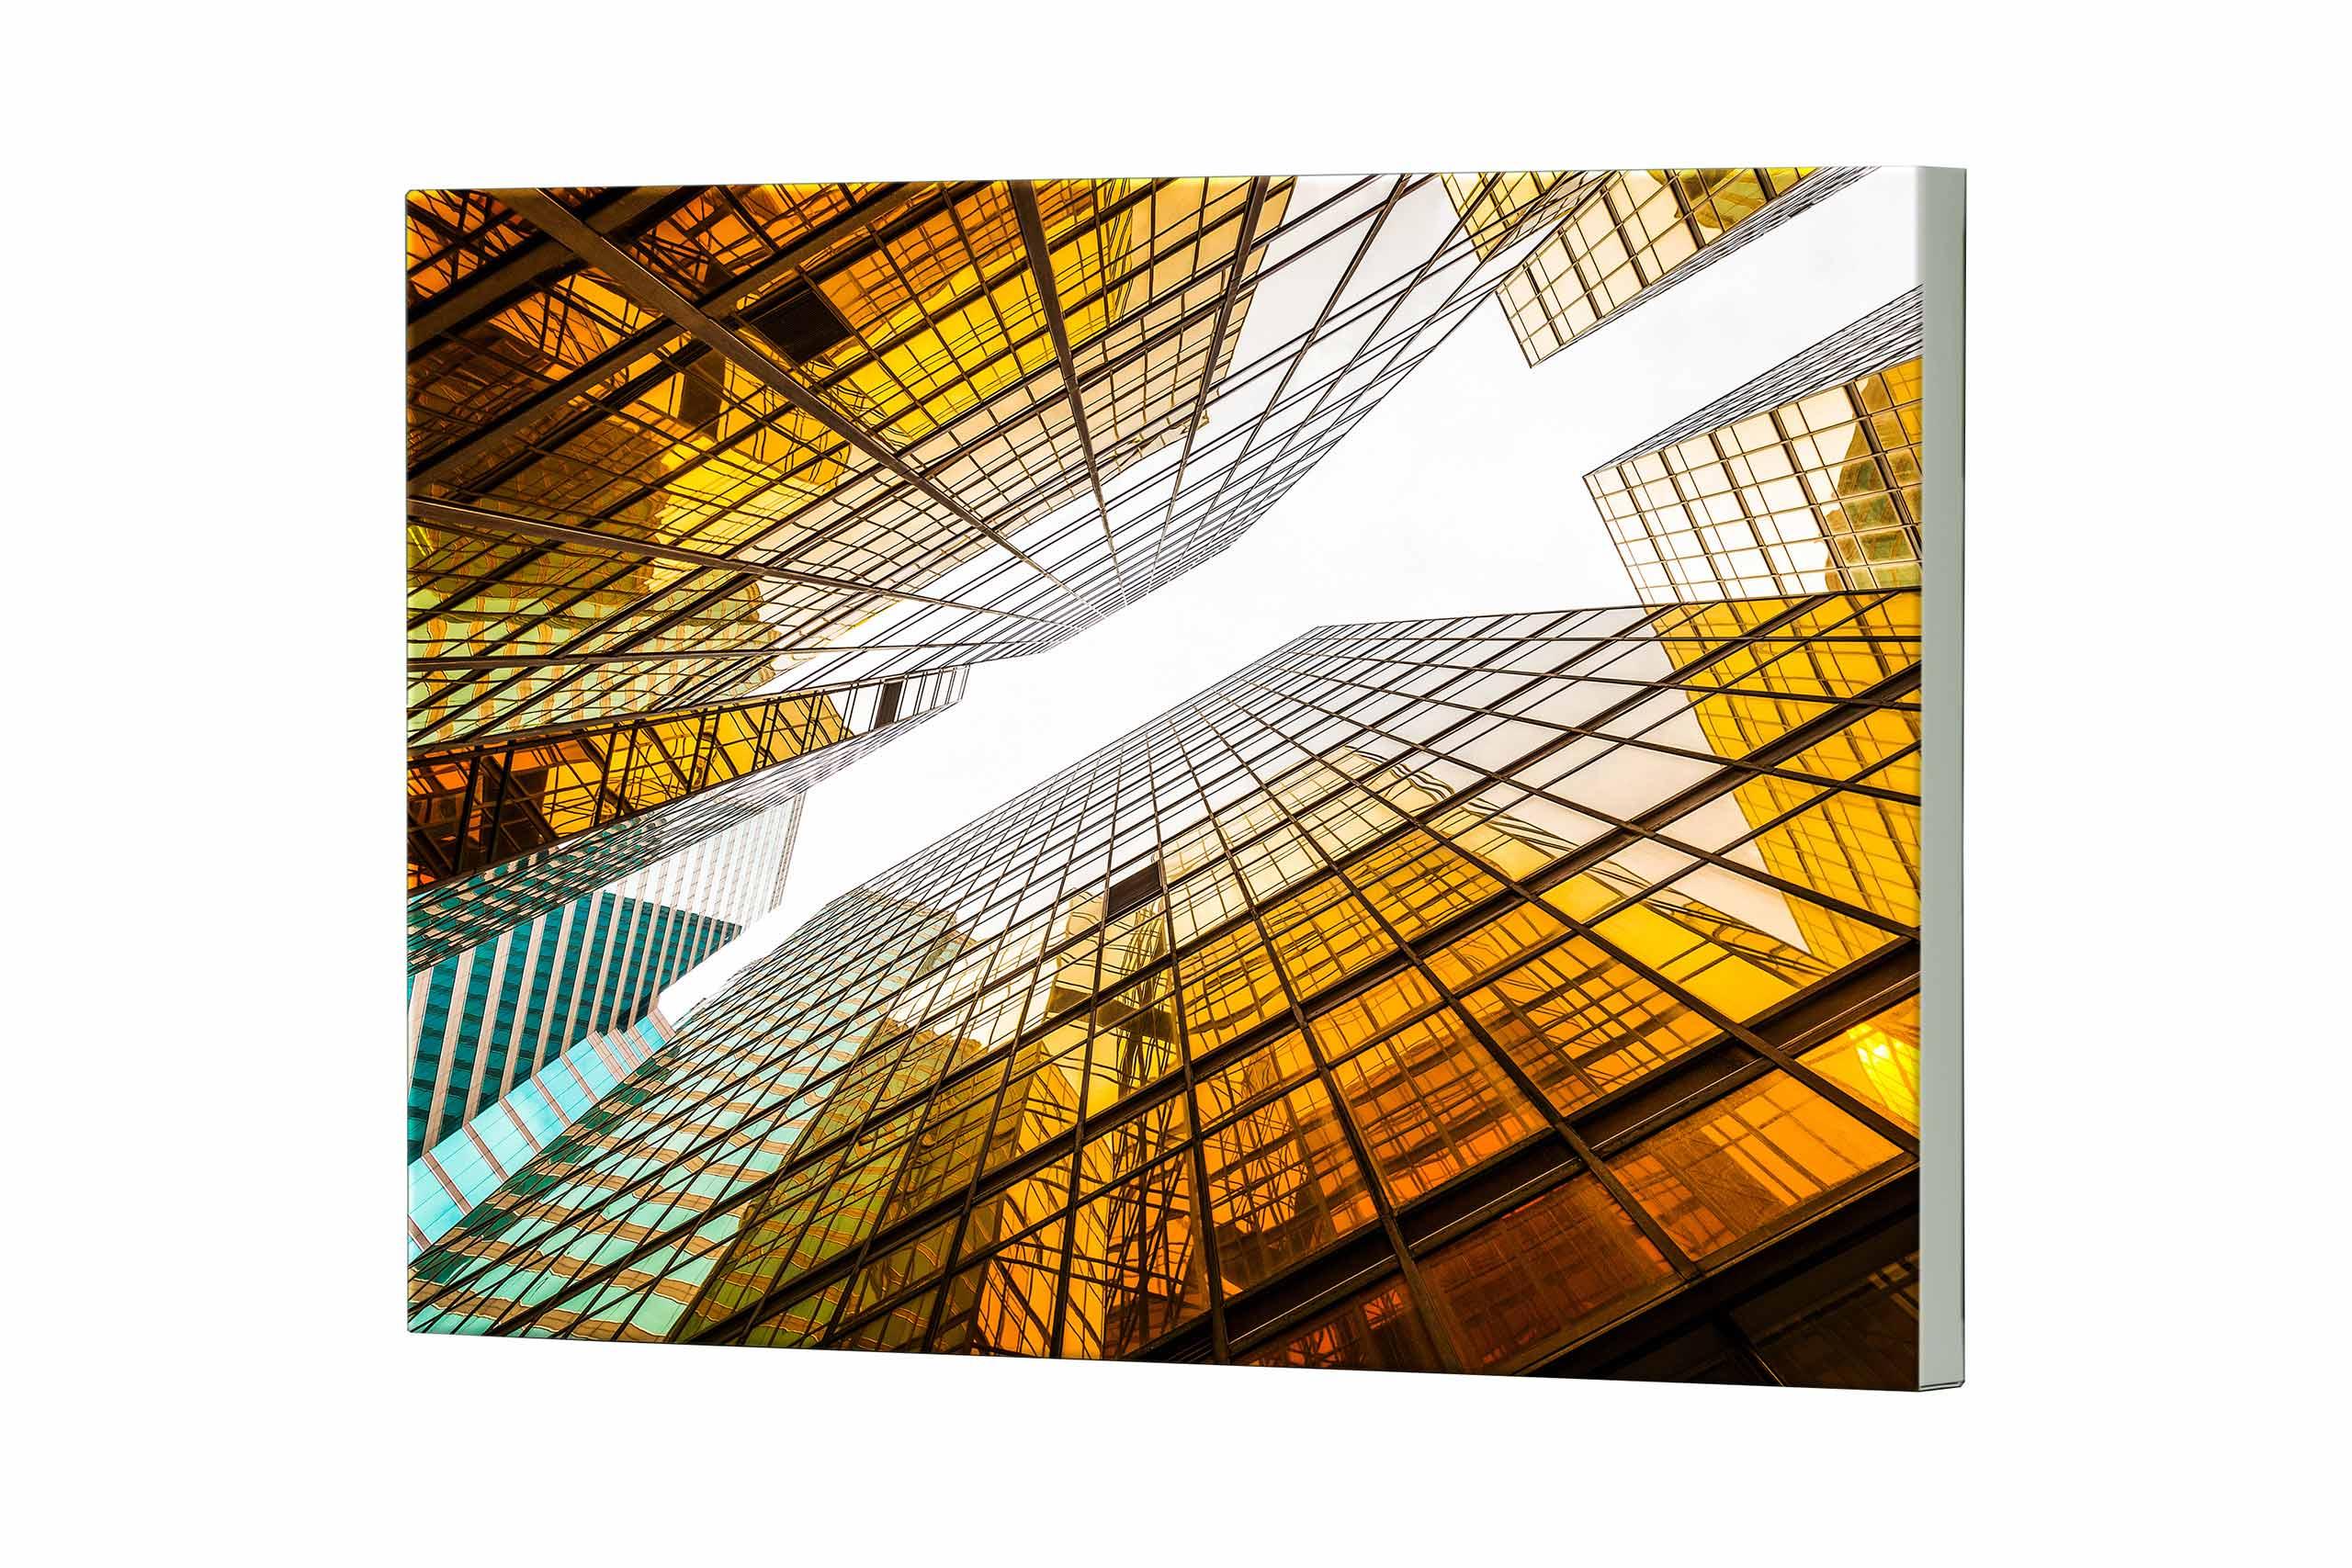 Magnettafel NOTIZ 80x60cm Motiv Architektur MDQ283 Motiv-Pinnwand